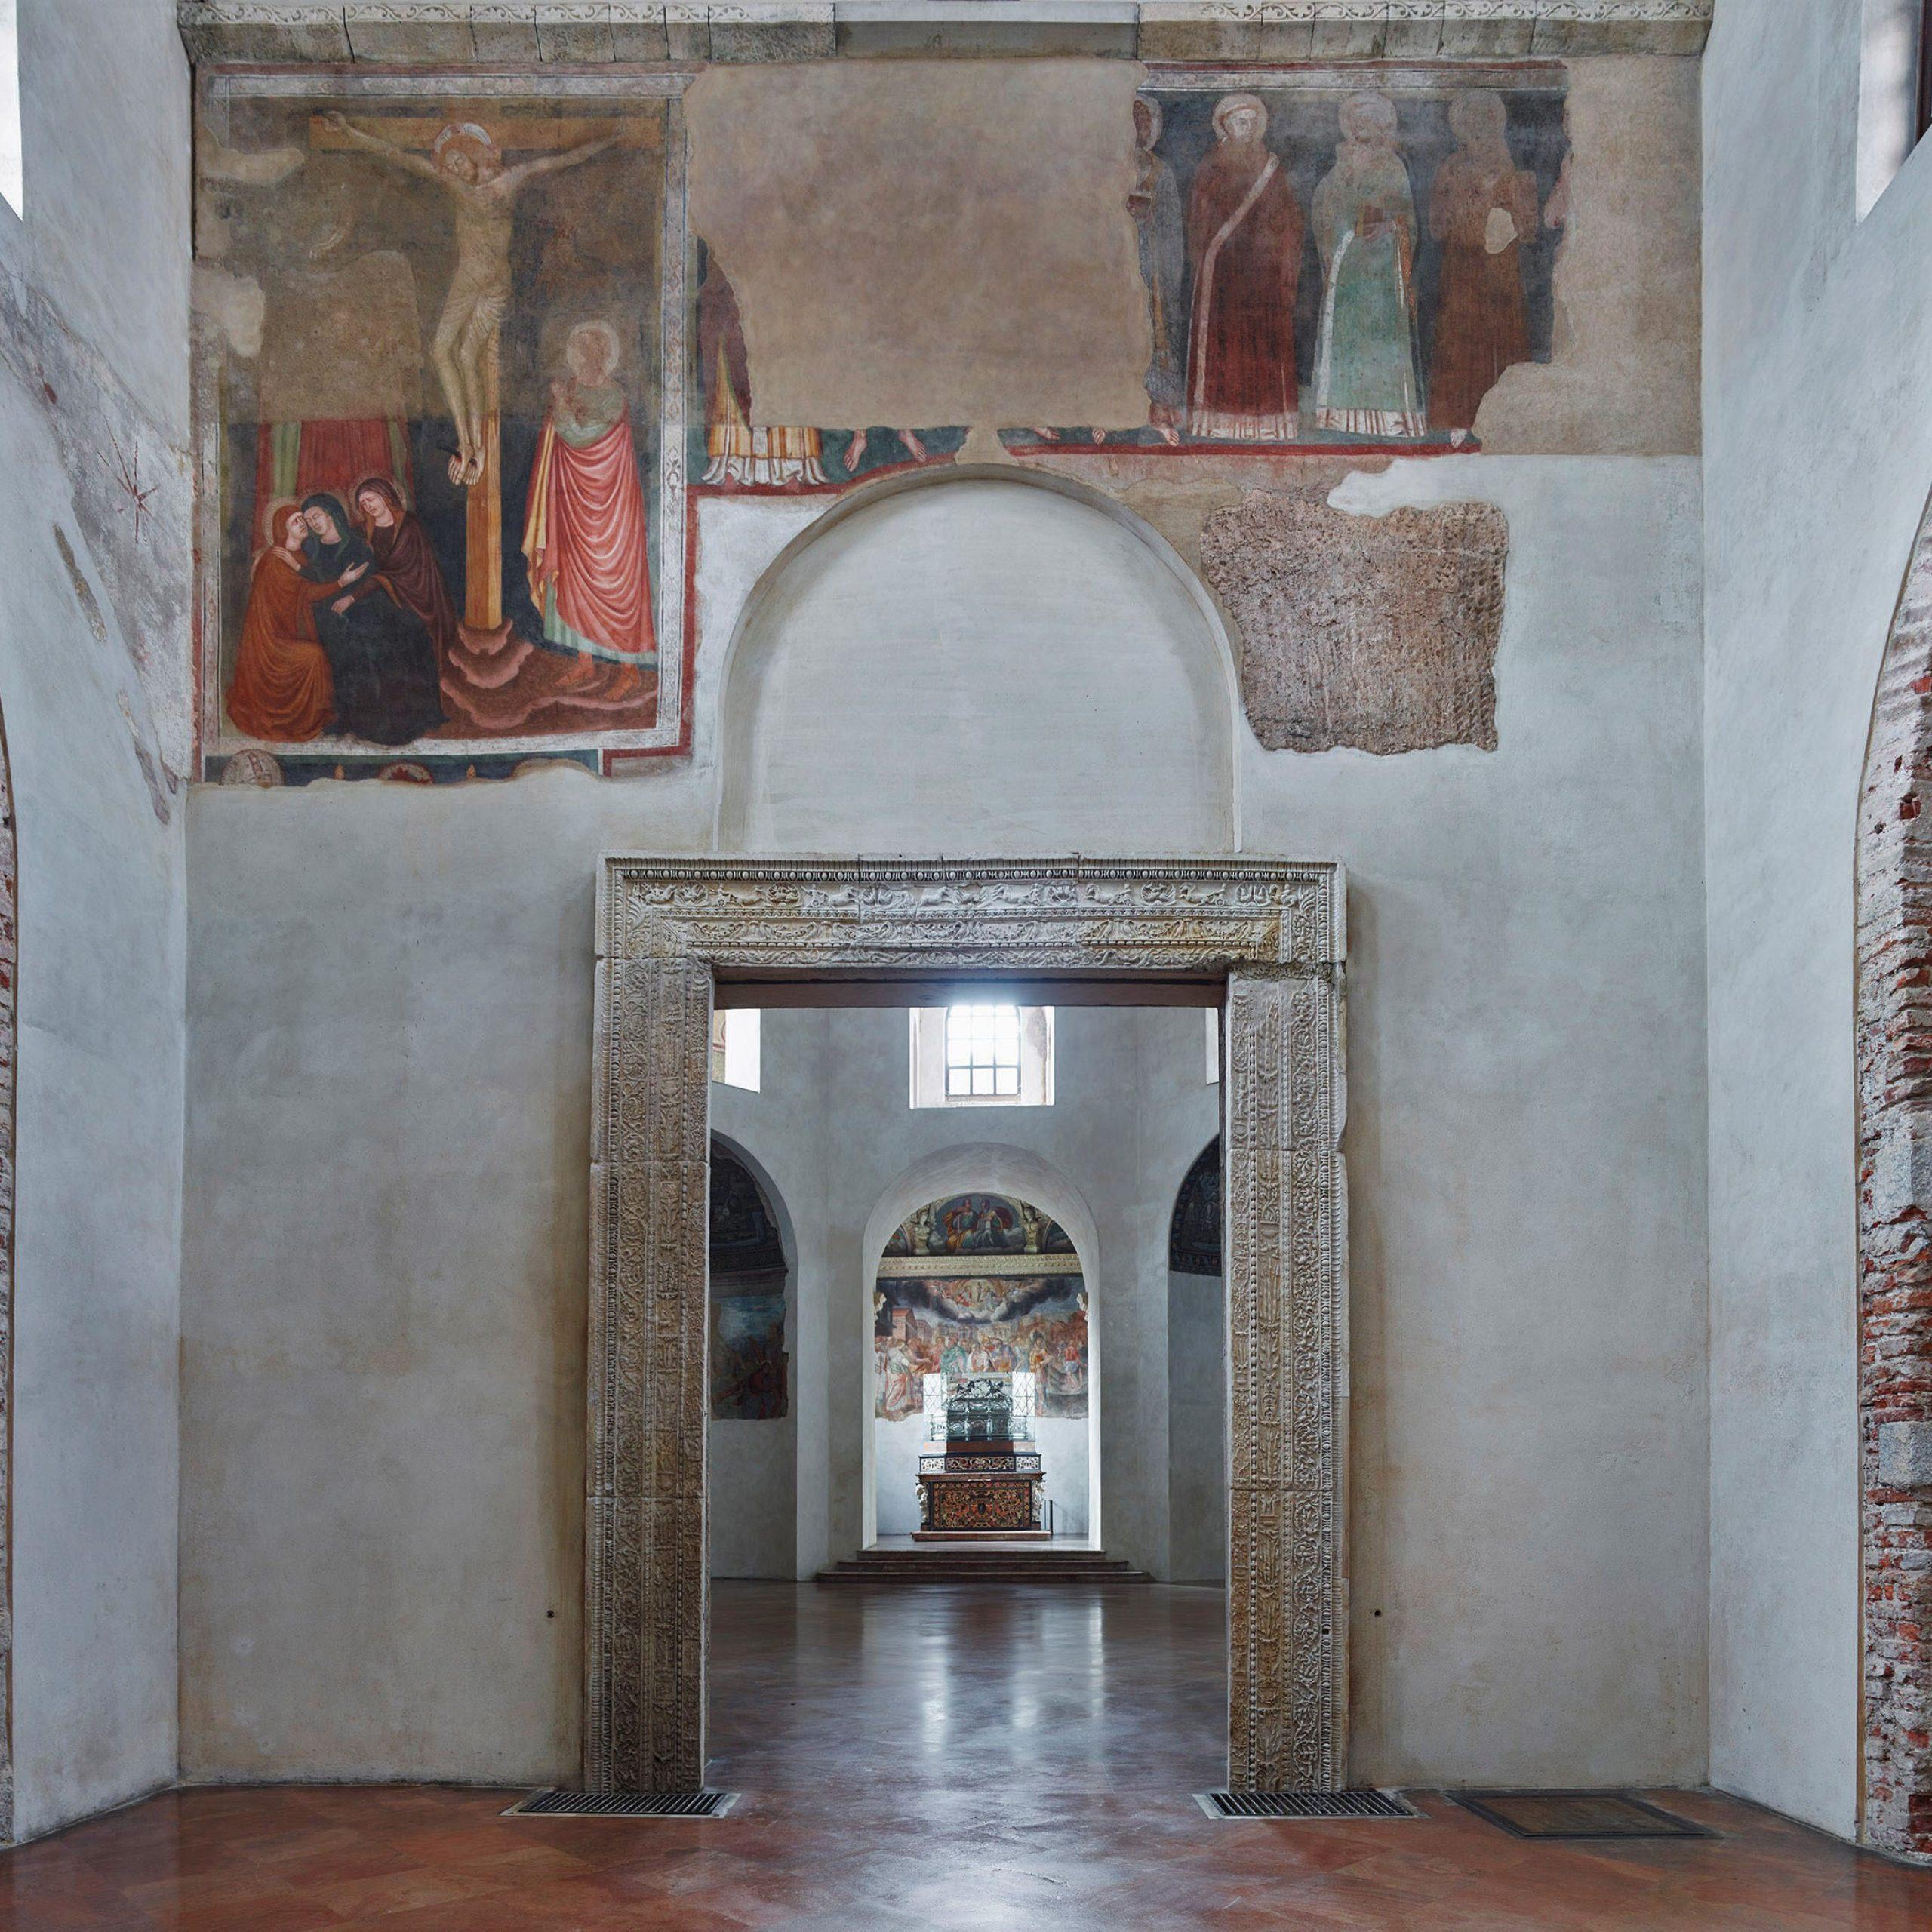 La Soprintendenza segnala … Alla scoperta della cappella di Santi'Aquilino – 28.05.2021